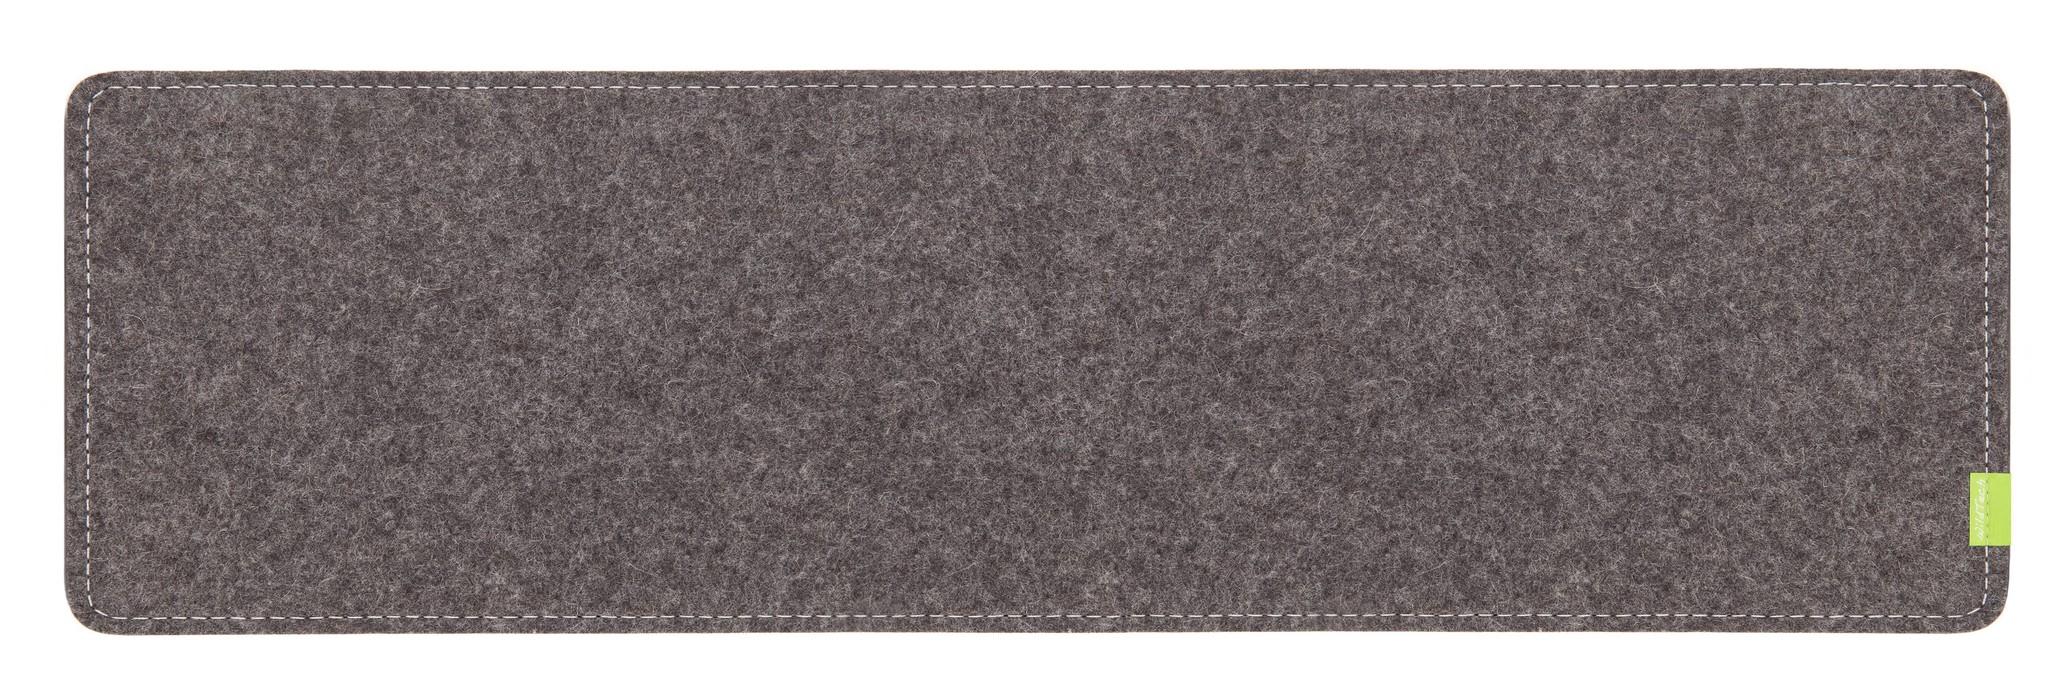 Schreibtischunterlage Grau-1